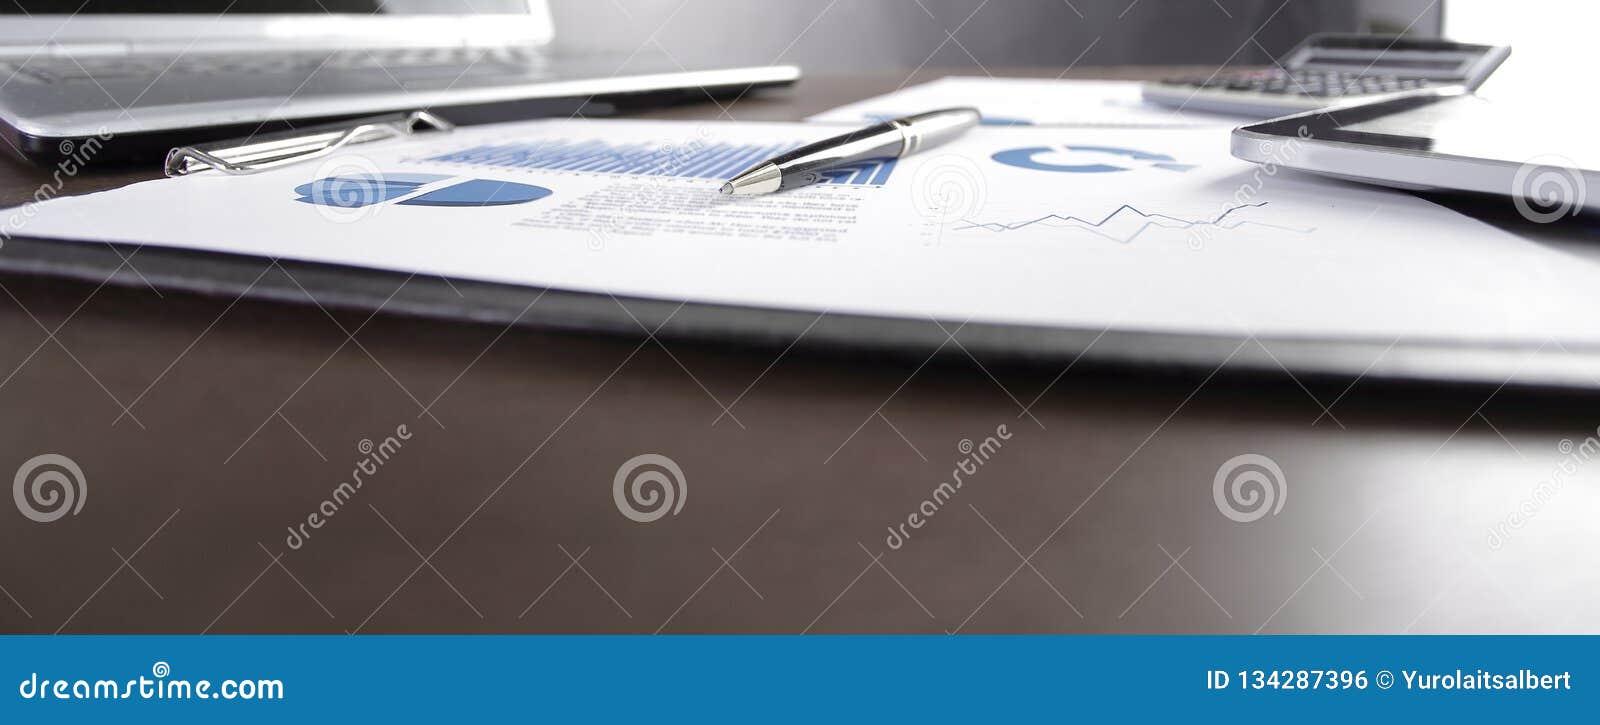 Abschluss oben Finanzdiagramm und Laptop auf dem Desktop